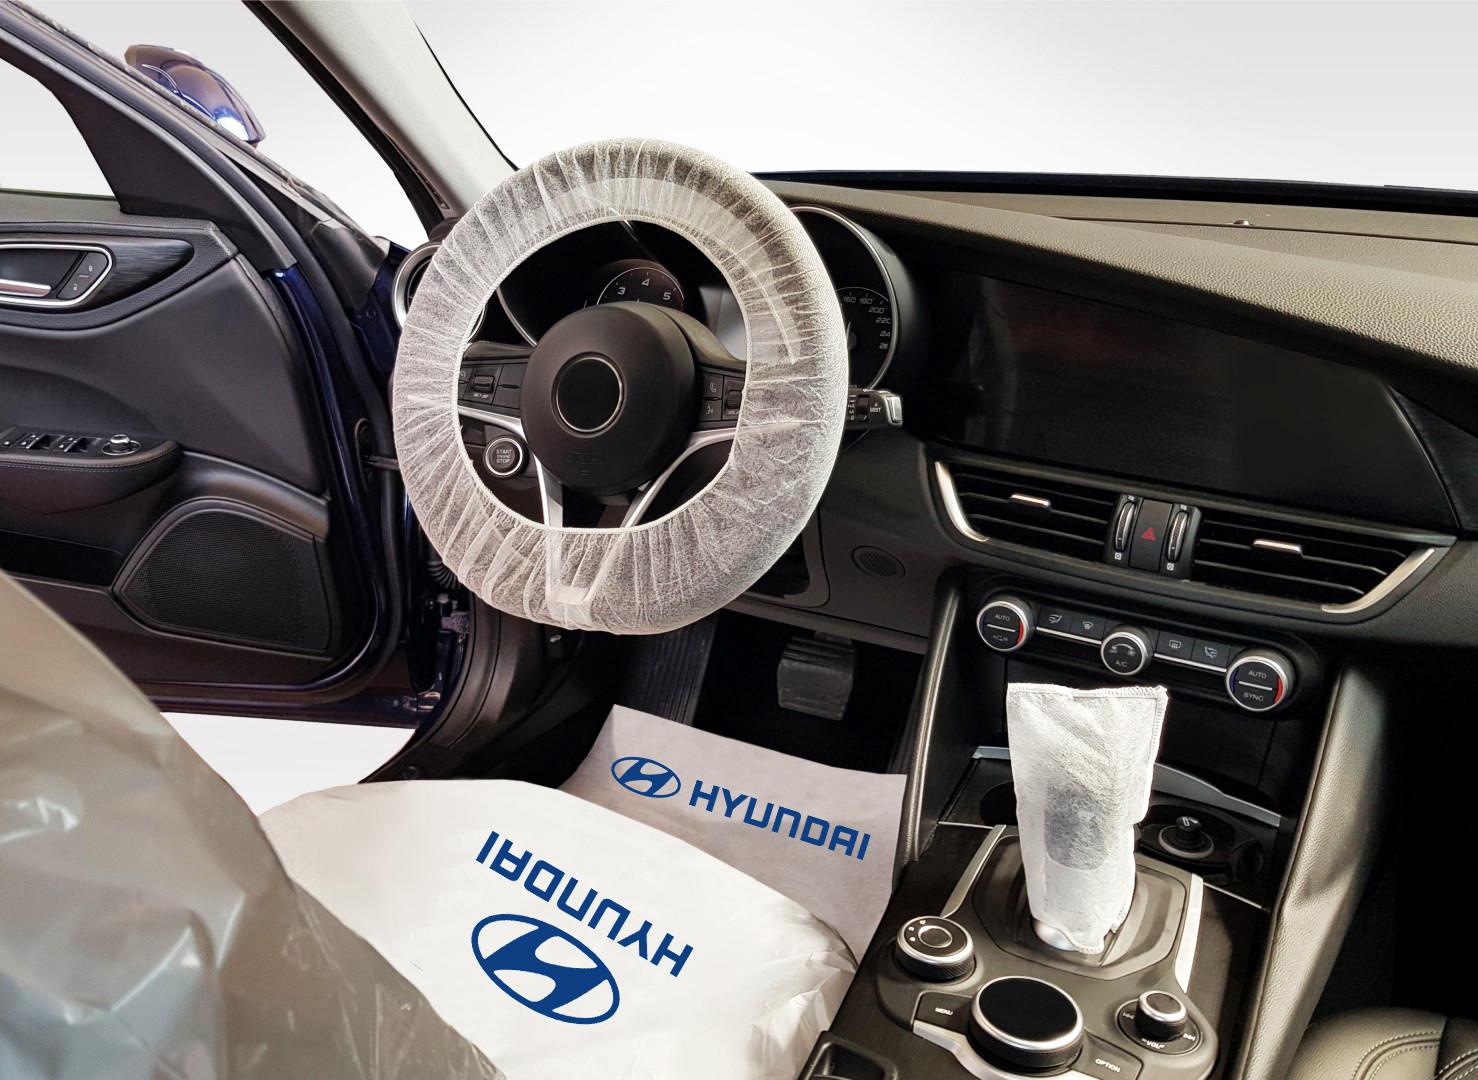 Kit Hyundai.jpg